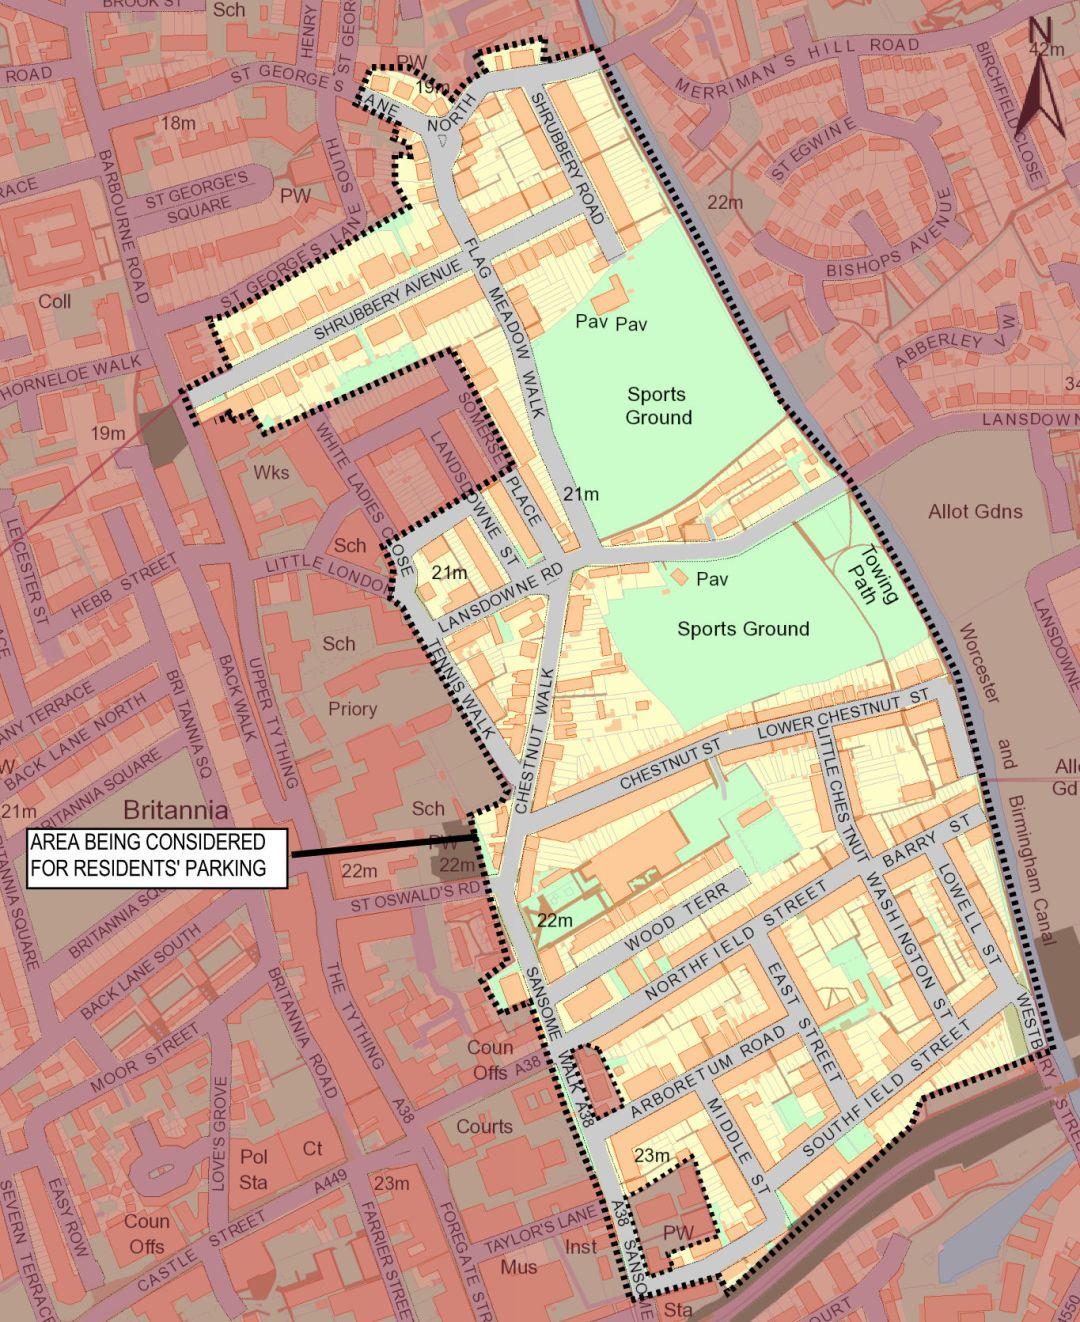 Residents' parking scheme